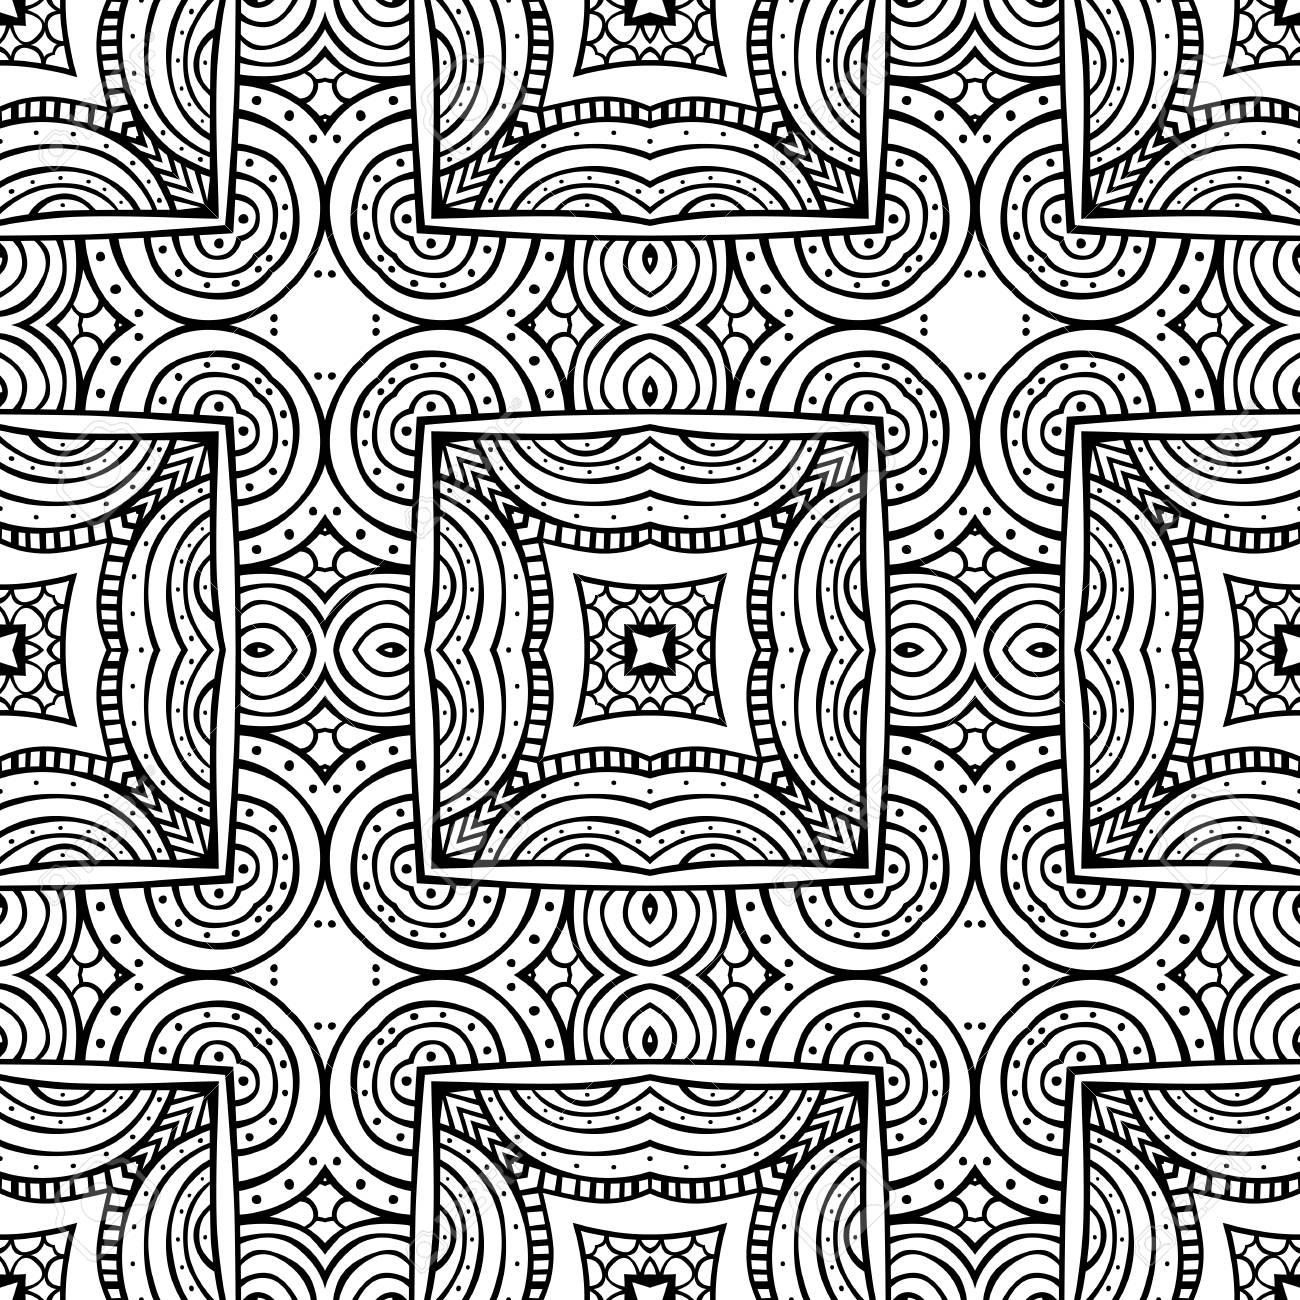 Kleurplaten Voor Volwassenen Tegels.Naadloos Geillustreerd Patroon Gemaakt Van Met De Hand Getekende